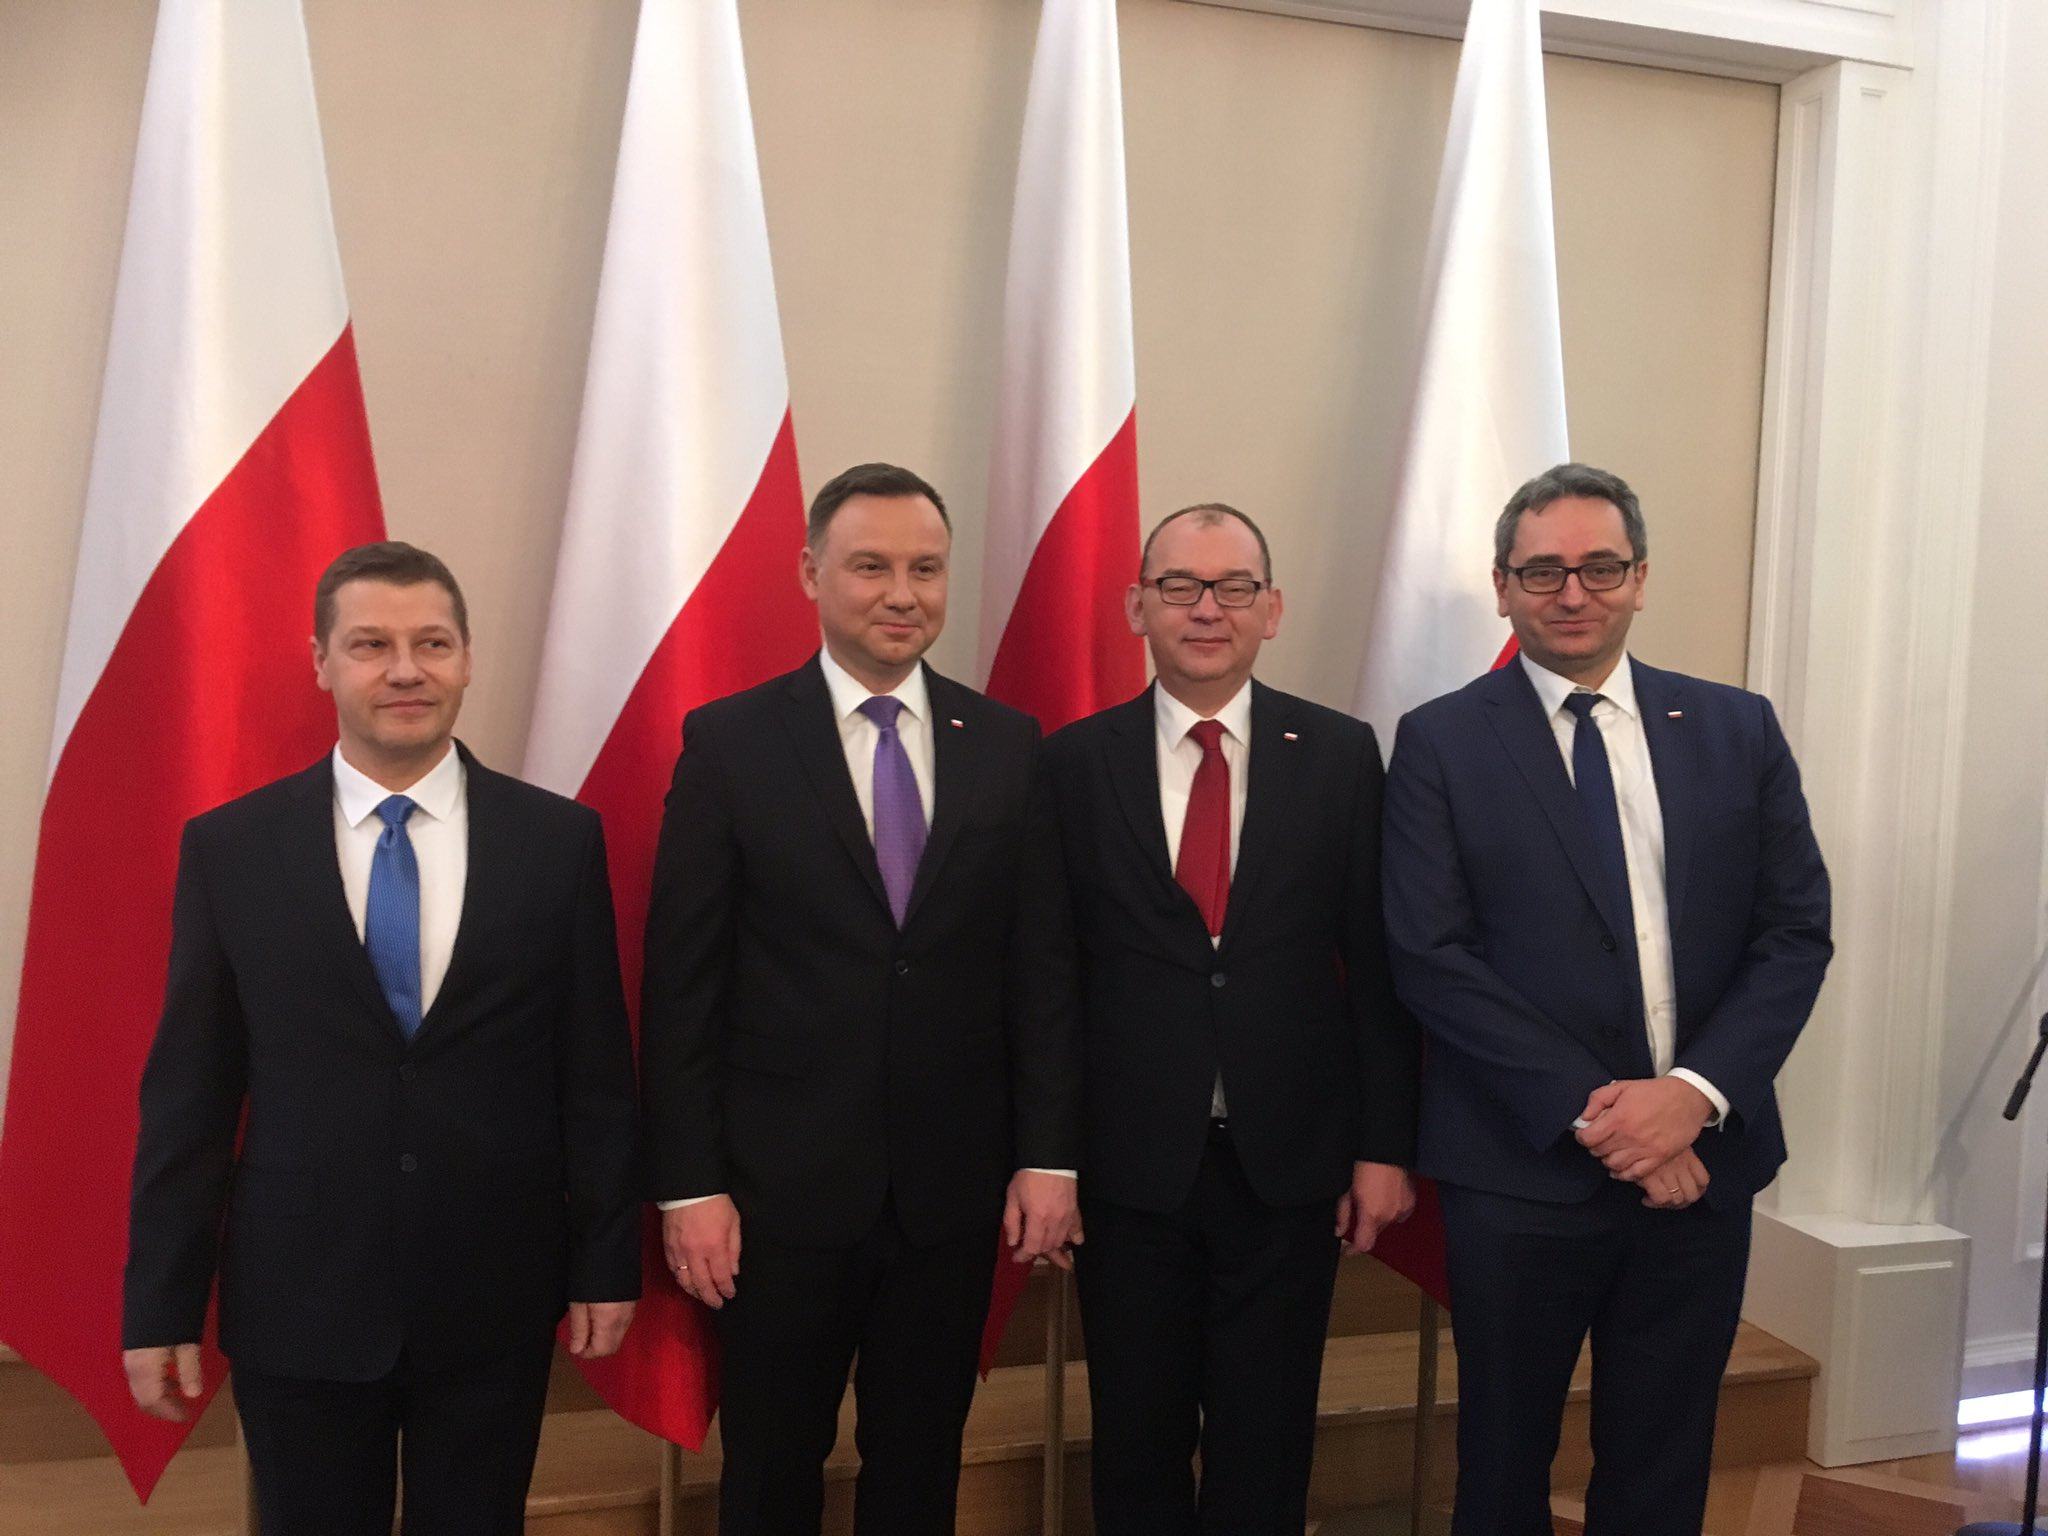 Zdjęcie Prezydenta RP Andrzeja Dudy z (od lewej) sędziami Piotrem Schabem, Przemysławem Radzikiem oraz Michałem Lasotą